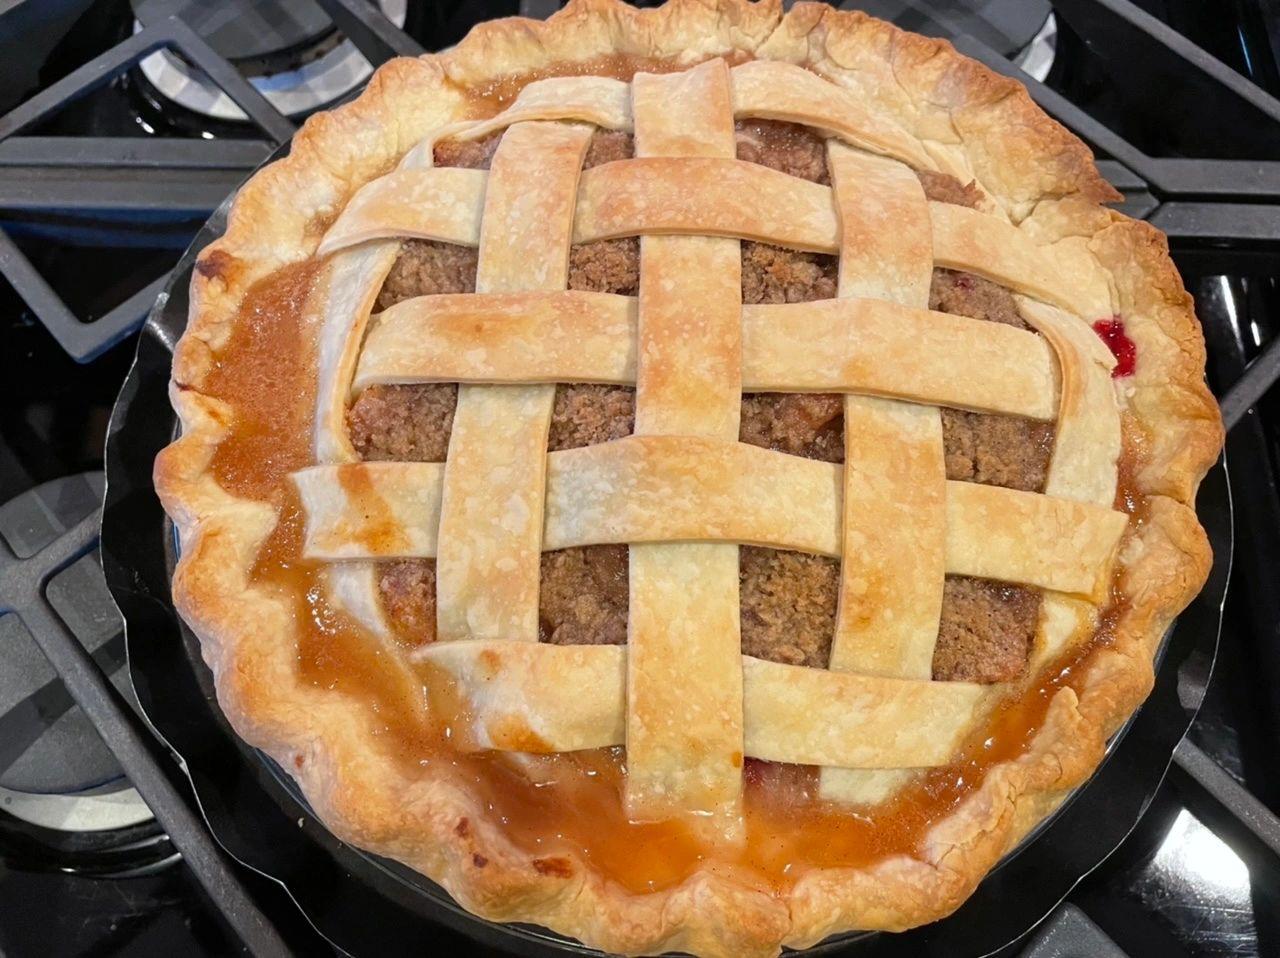 Peach Plum Crumb Pie with Lattice Crust